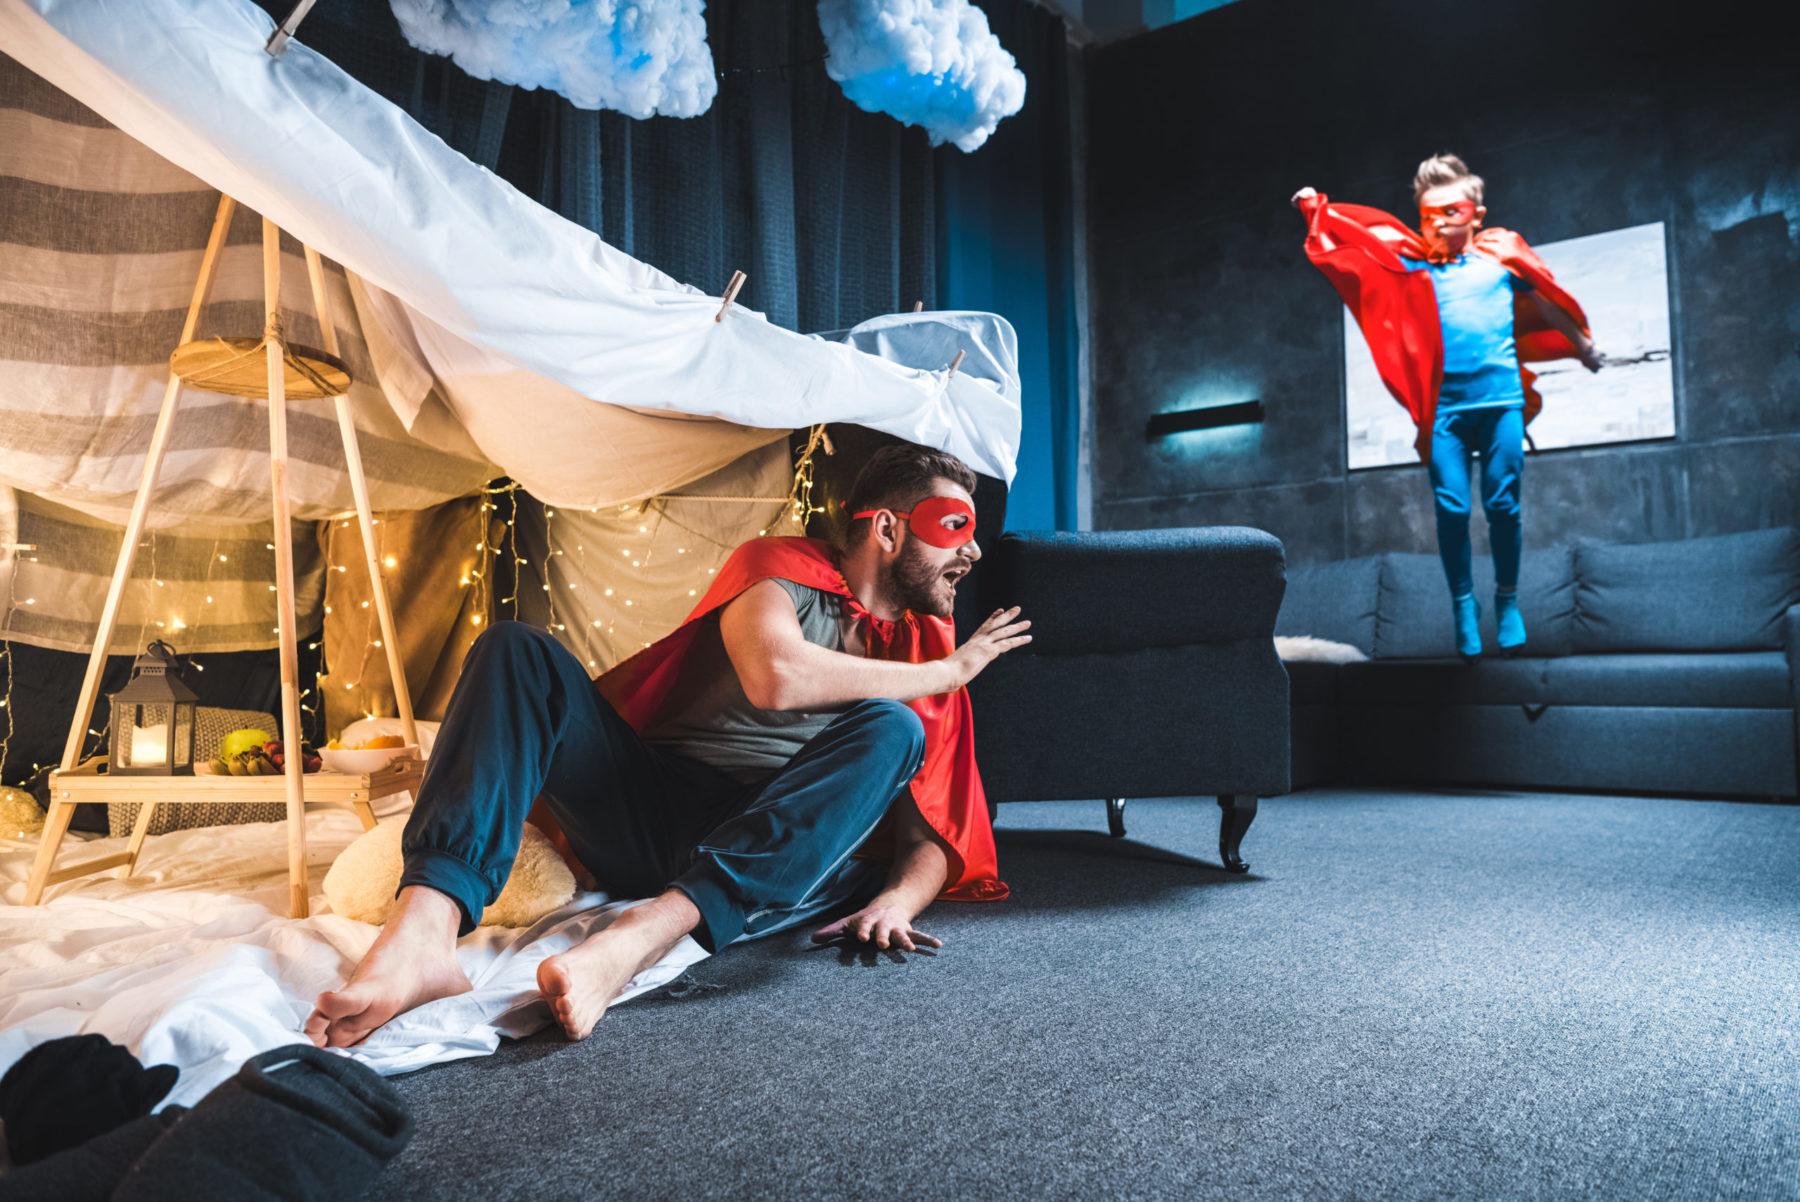 Pères et fils jouant aux super héros dans une chambre